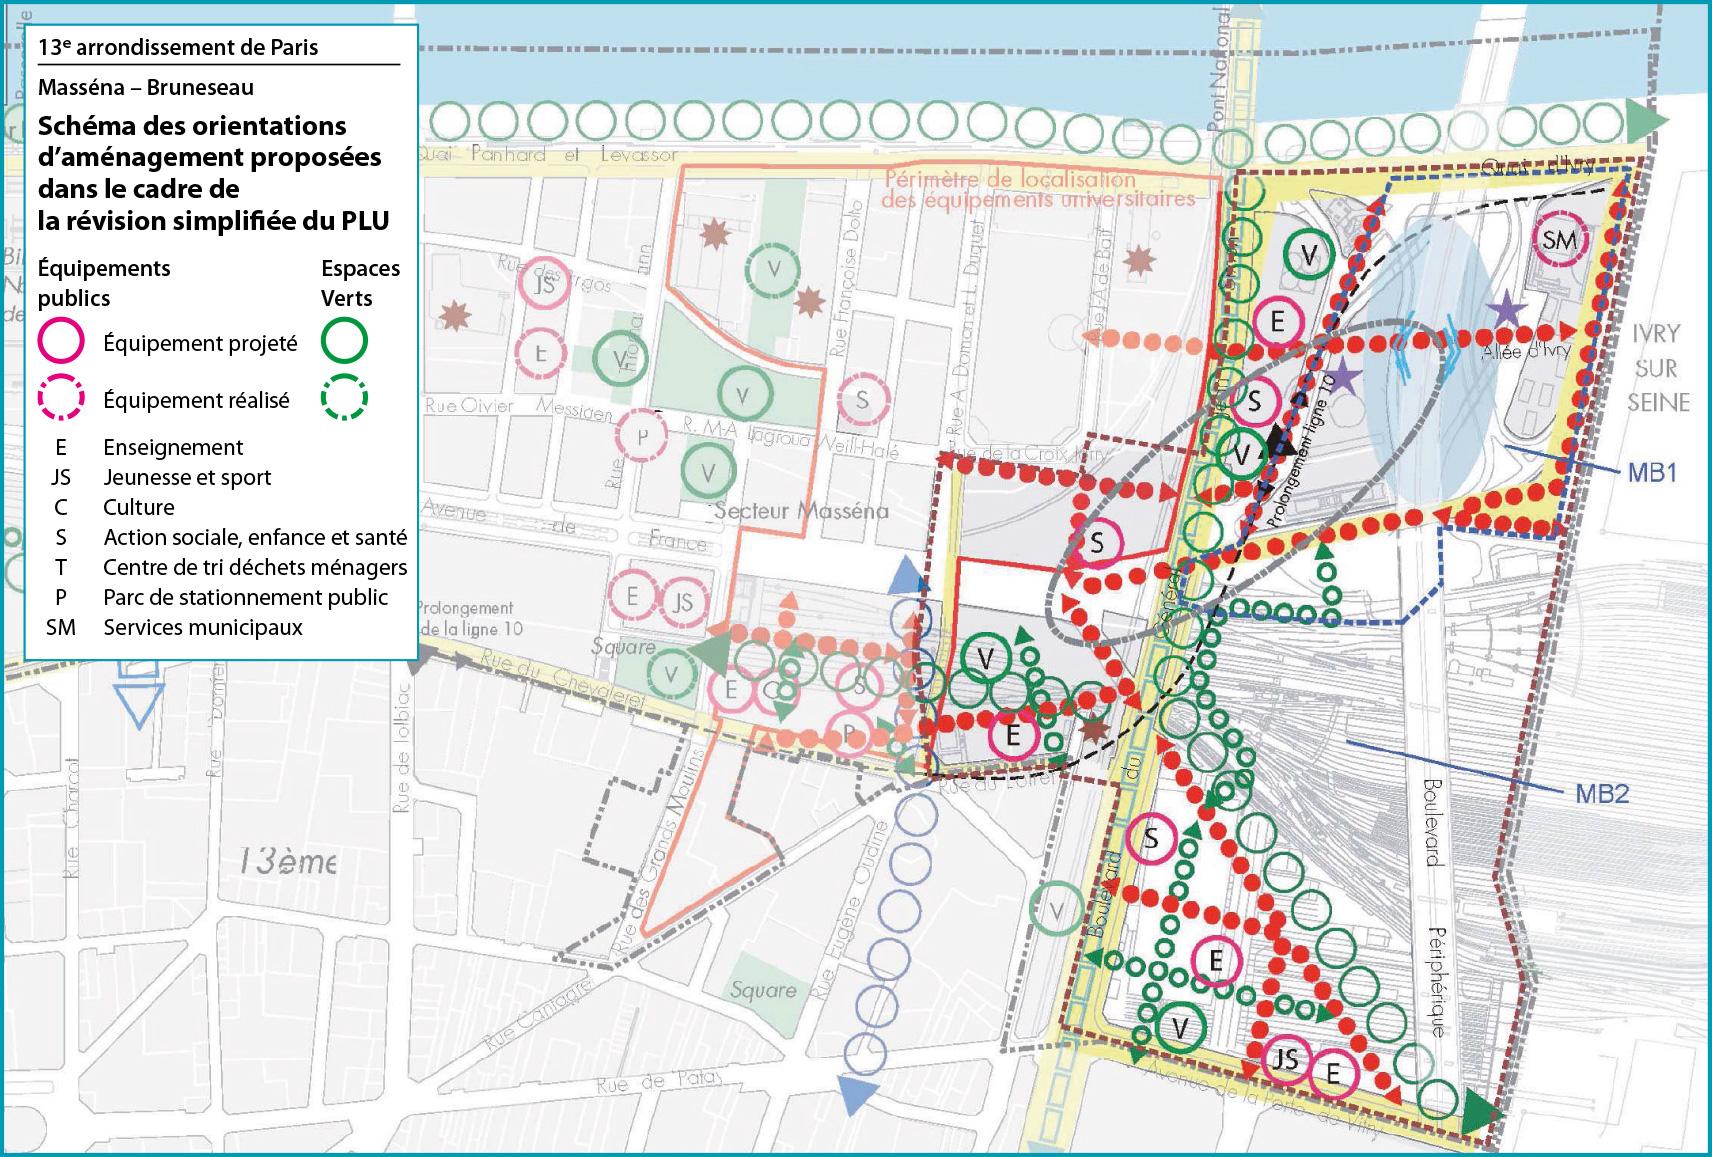 Schéma des orientations d'aménagement proposés dans le cadre de la révision simplifiée du PLU